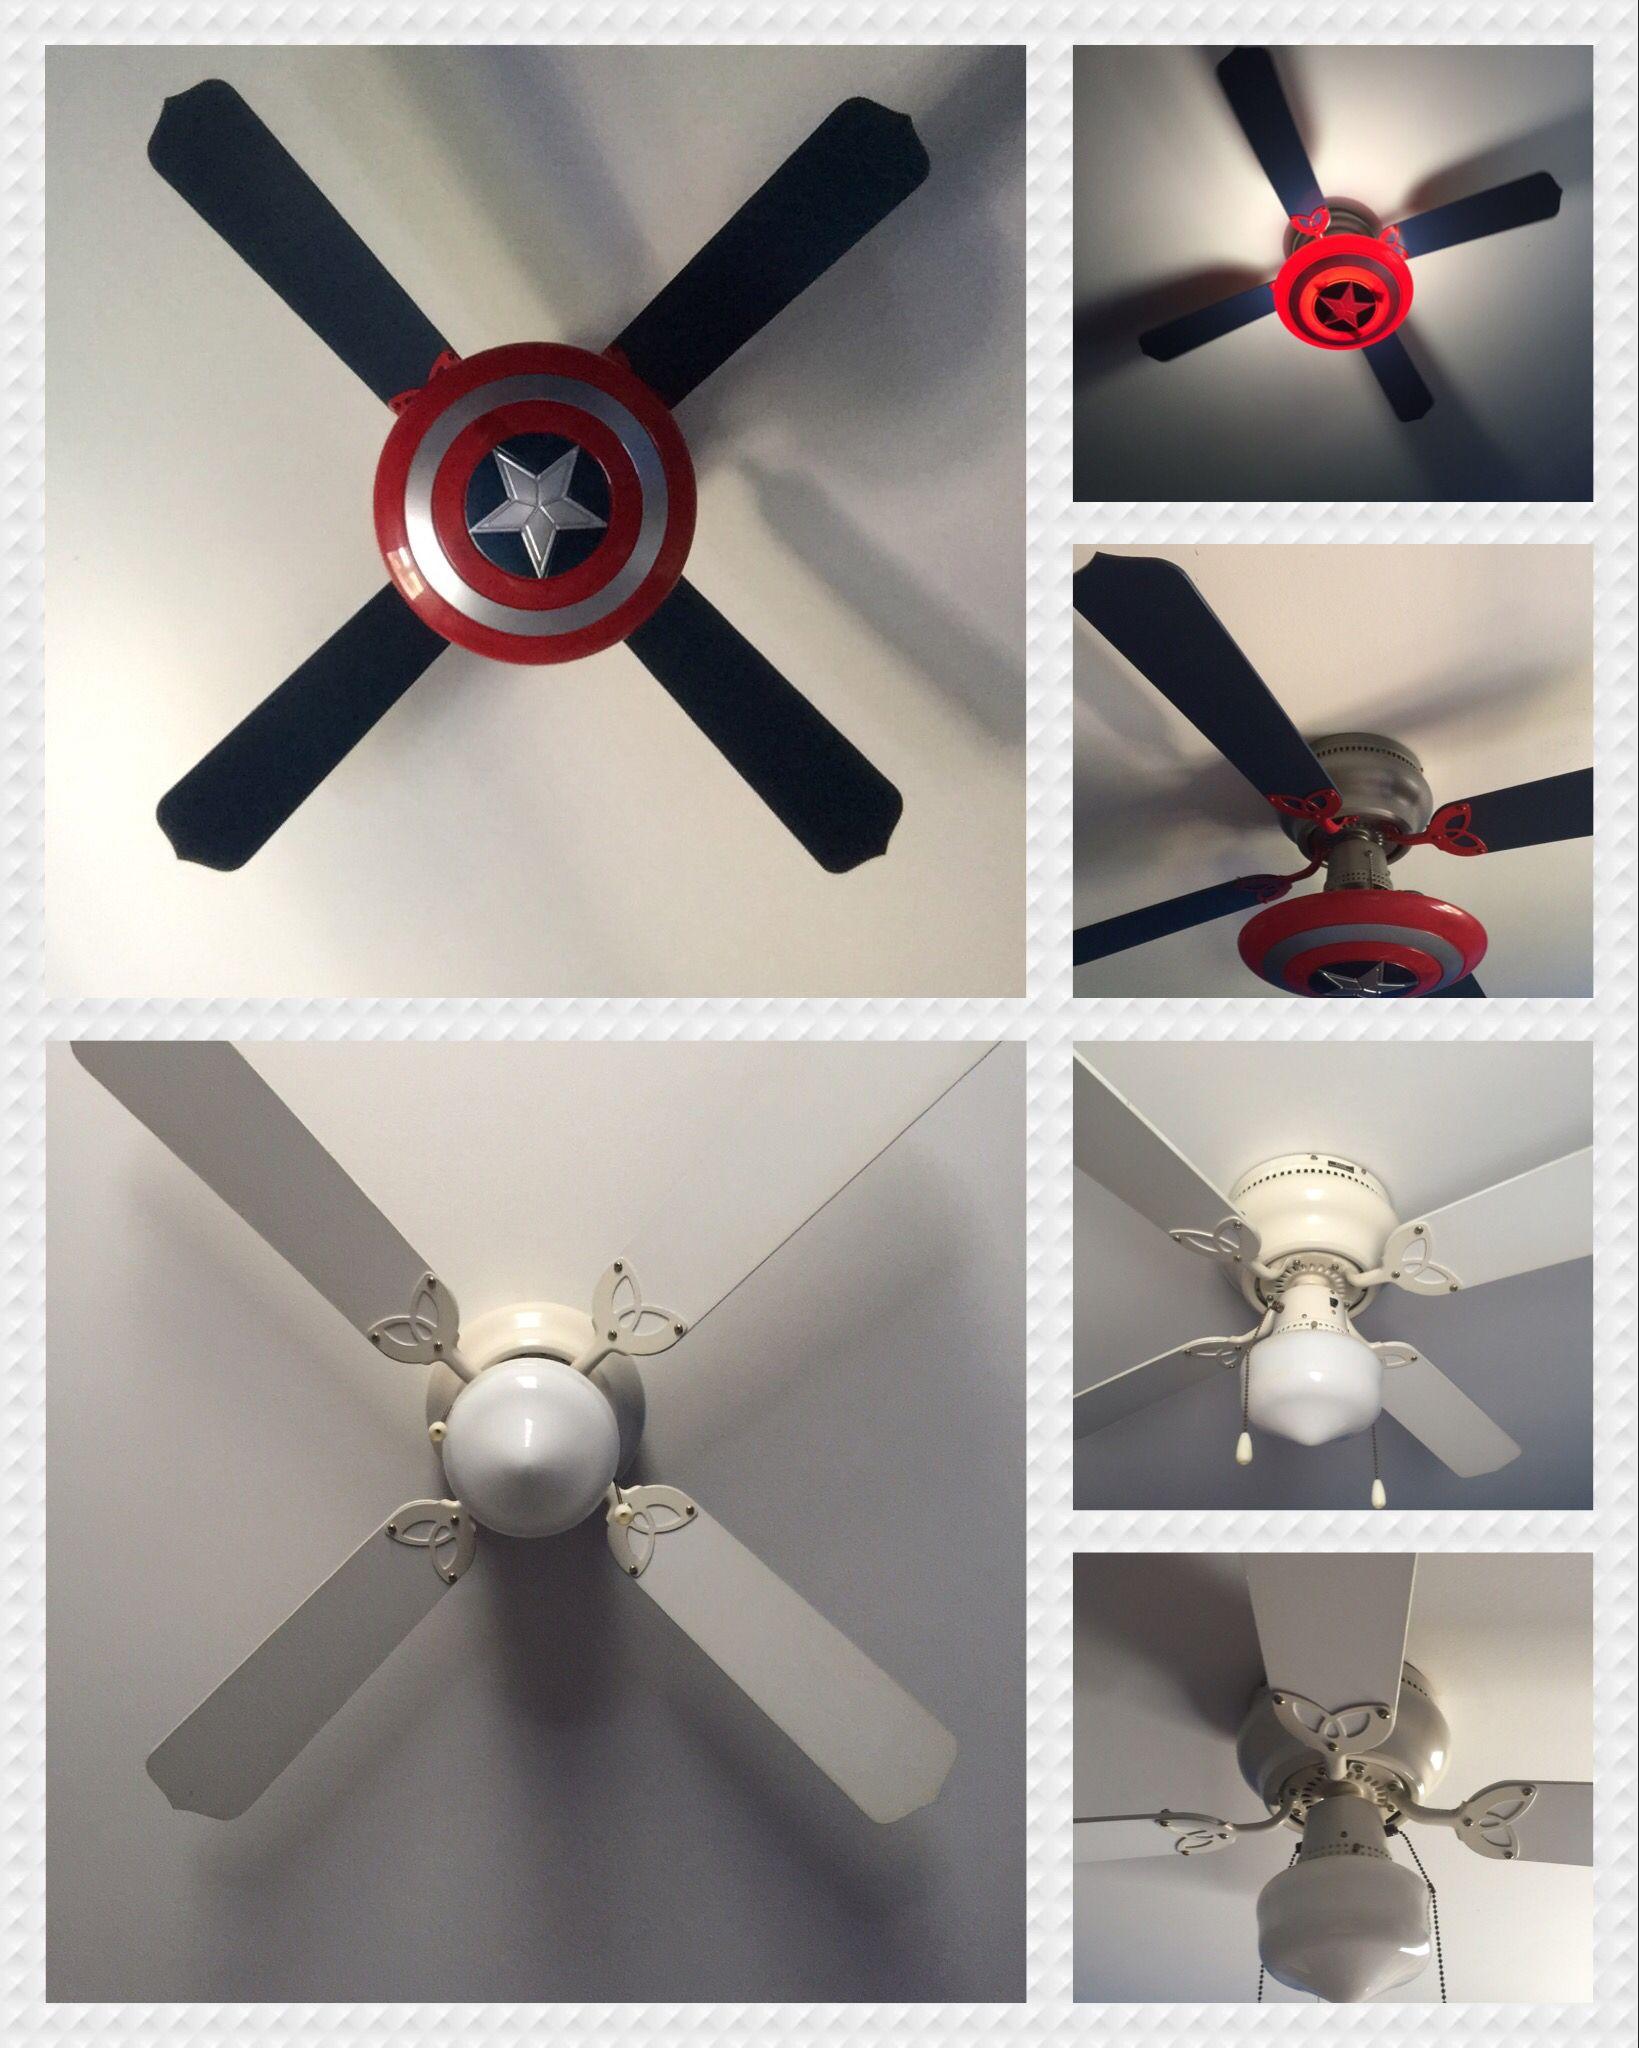 Captain America Ceiling Fan Avengers Room Boys Room Decor